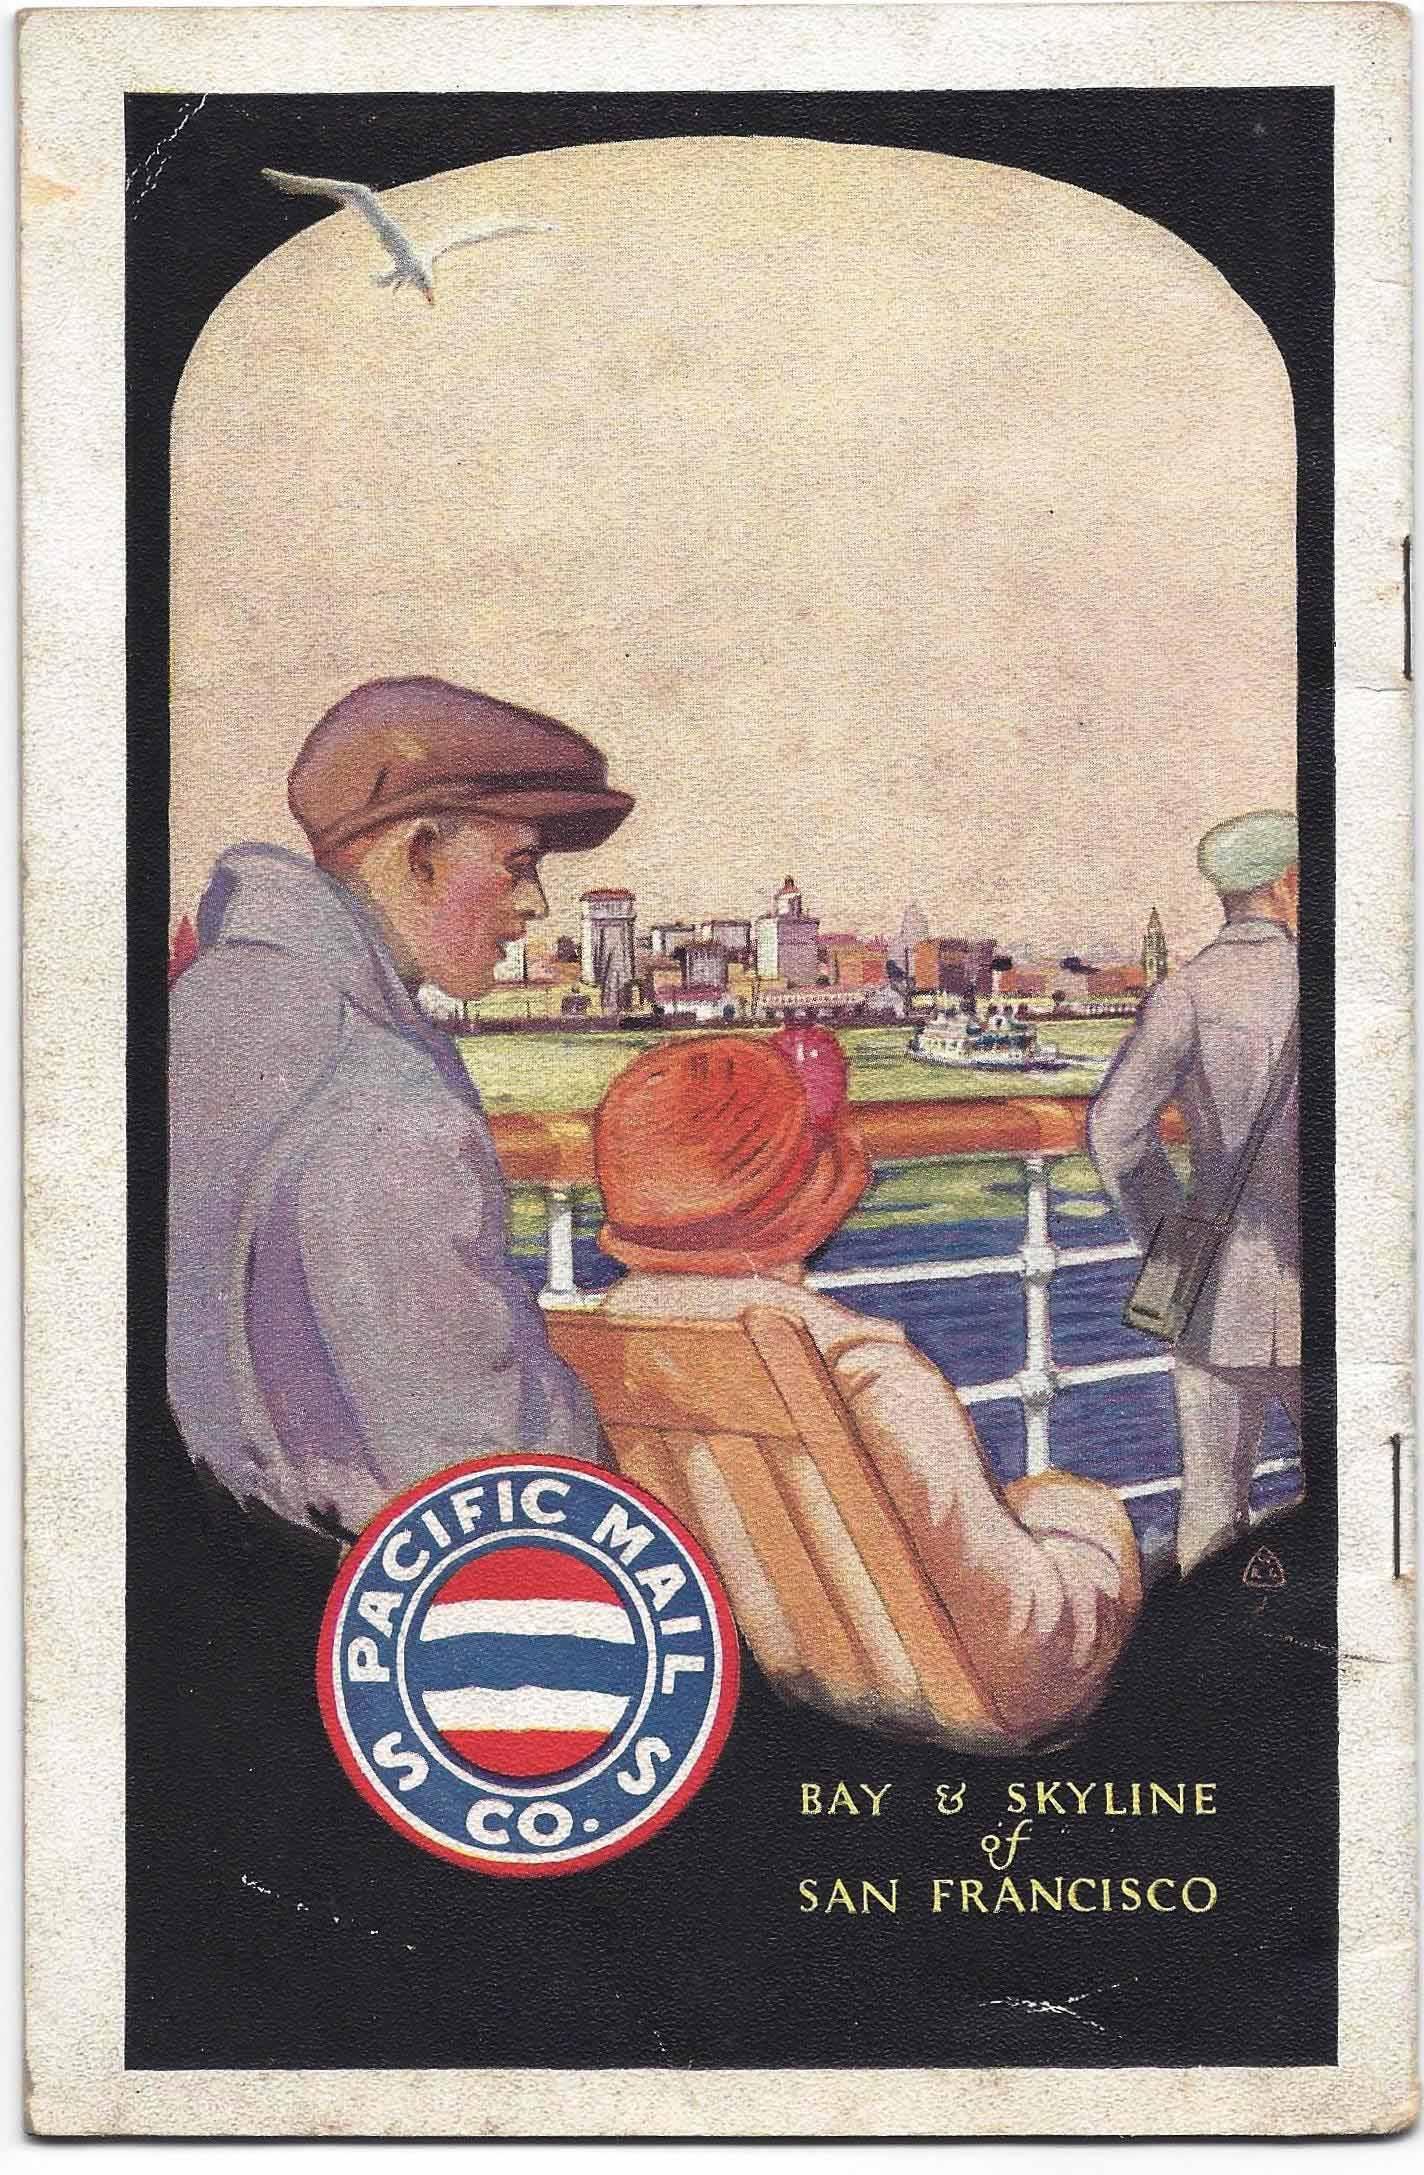 SS Manchuria Passenger List cover